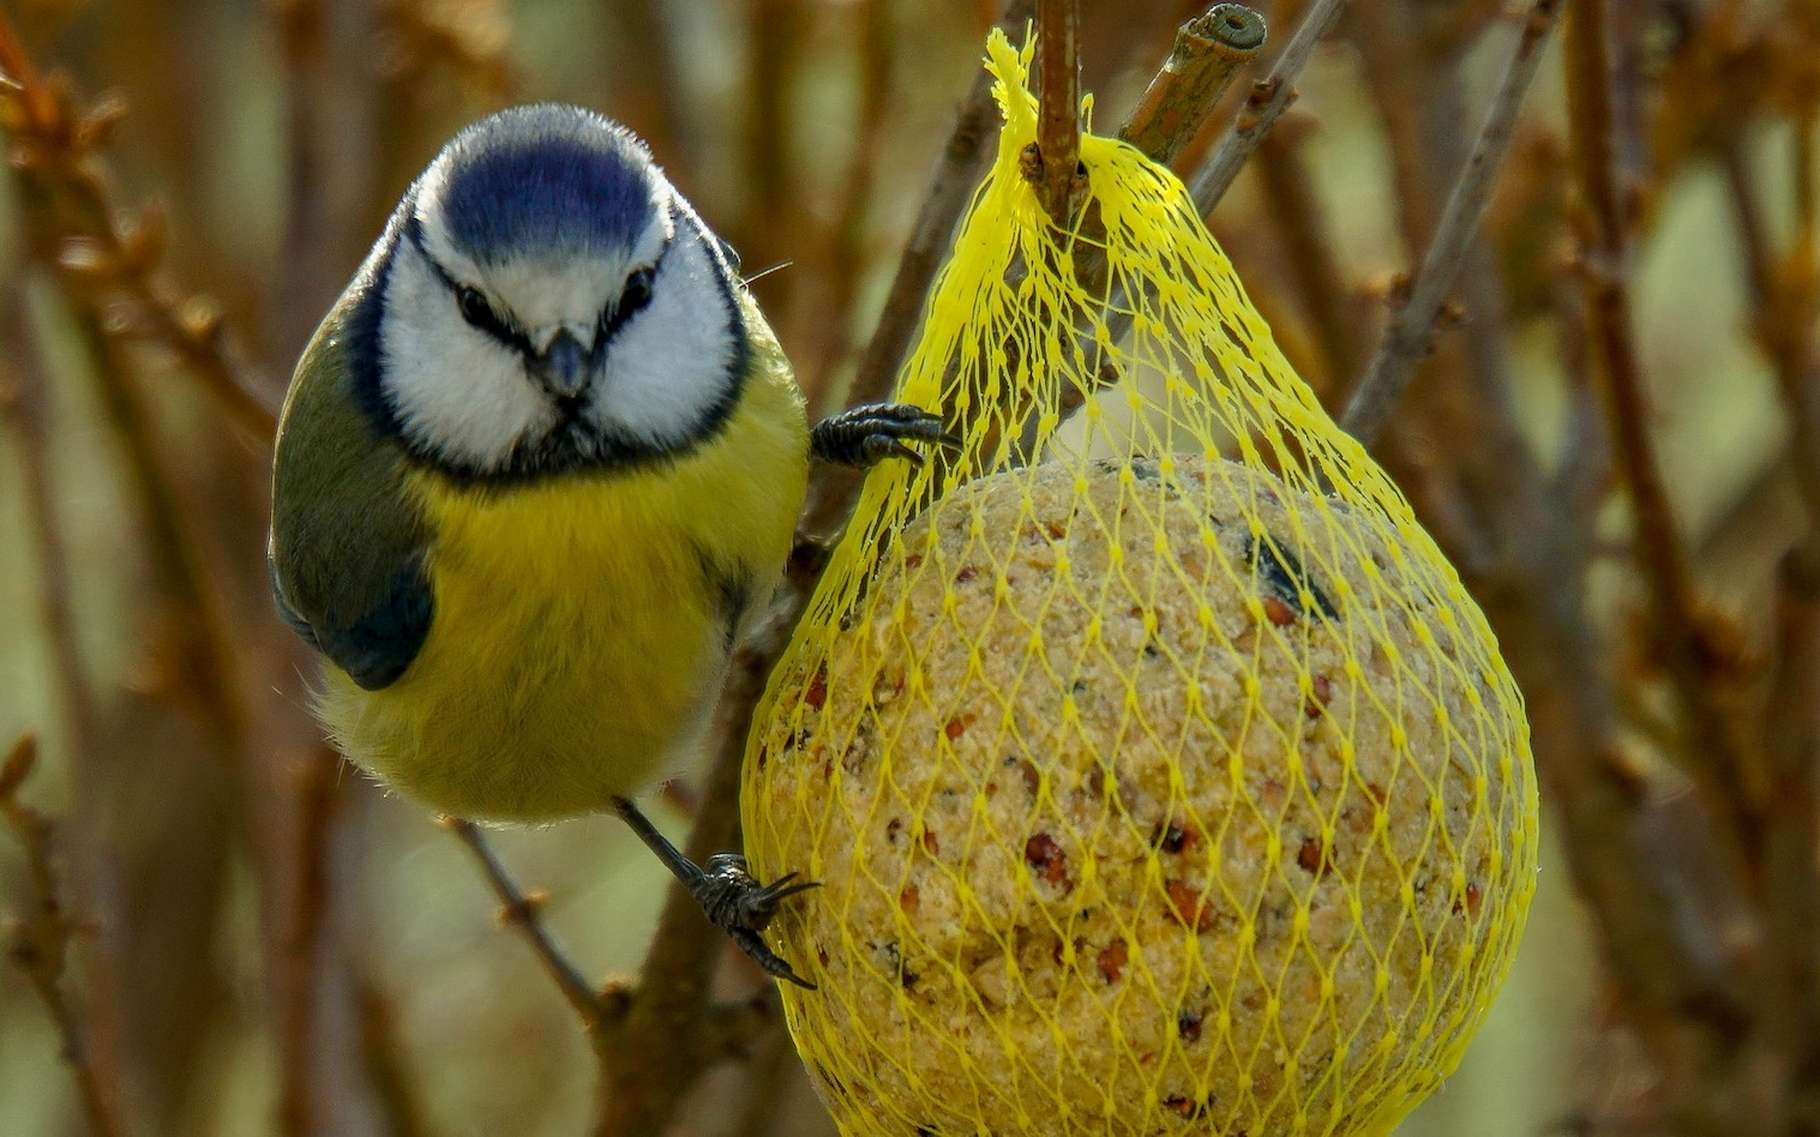 Des chercheurs américains se sont intéressés aux conséquences d'une habitude très répandue : nourrir les oiseaux sauvages dans son jardin. Ils ont découvert que nos interactions avec la nature ne s'arrêtent pas au simple fait de déposer des graines dans une mangeoire. © wpoeschl, Pixabay, CC0 Creative Commons